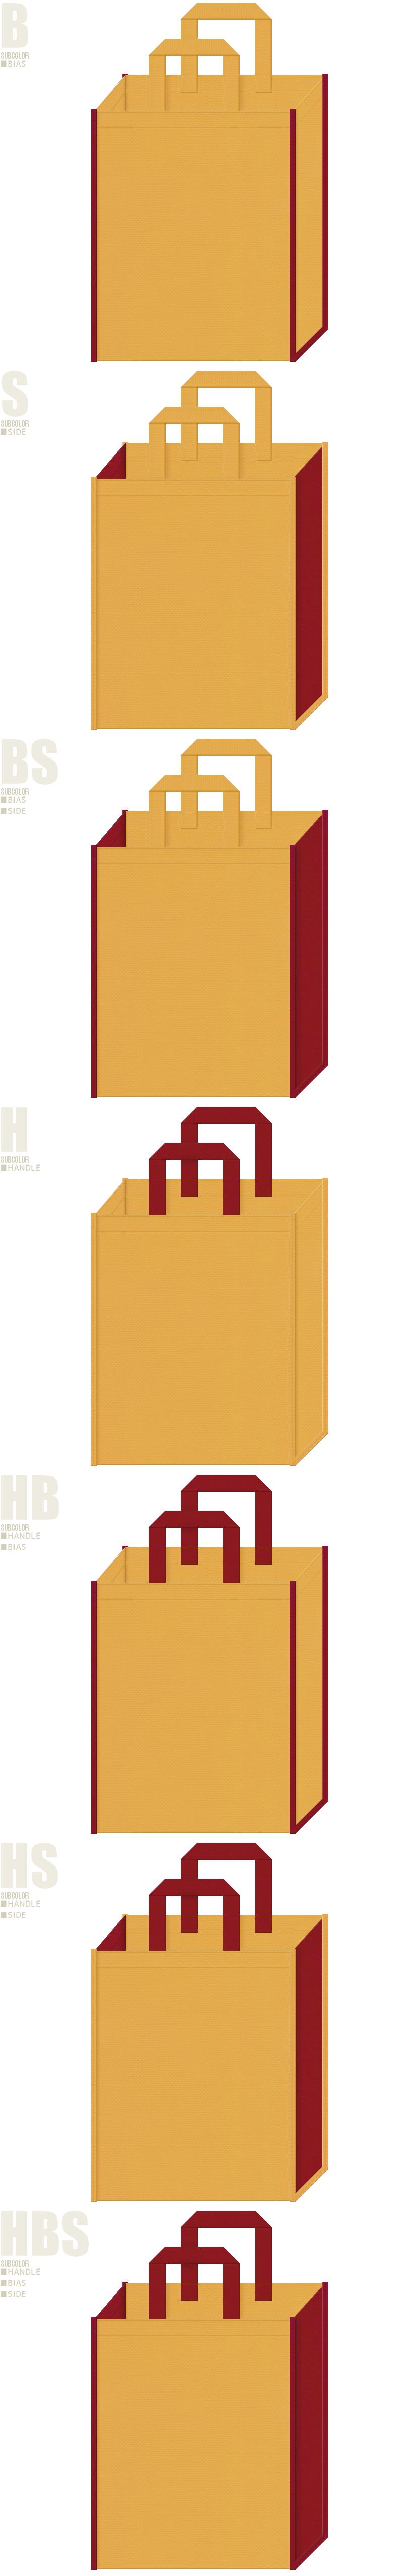 旅館・銭湯のバッグノベルティにお奨めの、黄土色とエンジ色、7パターンの不織布トートバッグ配色デザイン例。